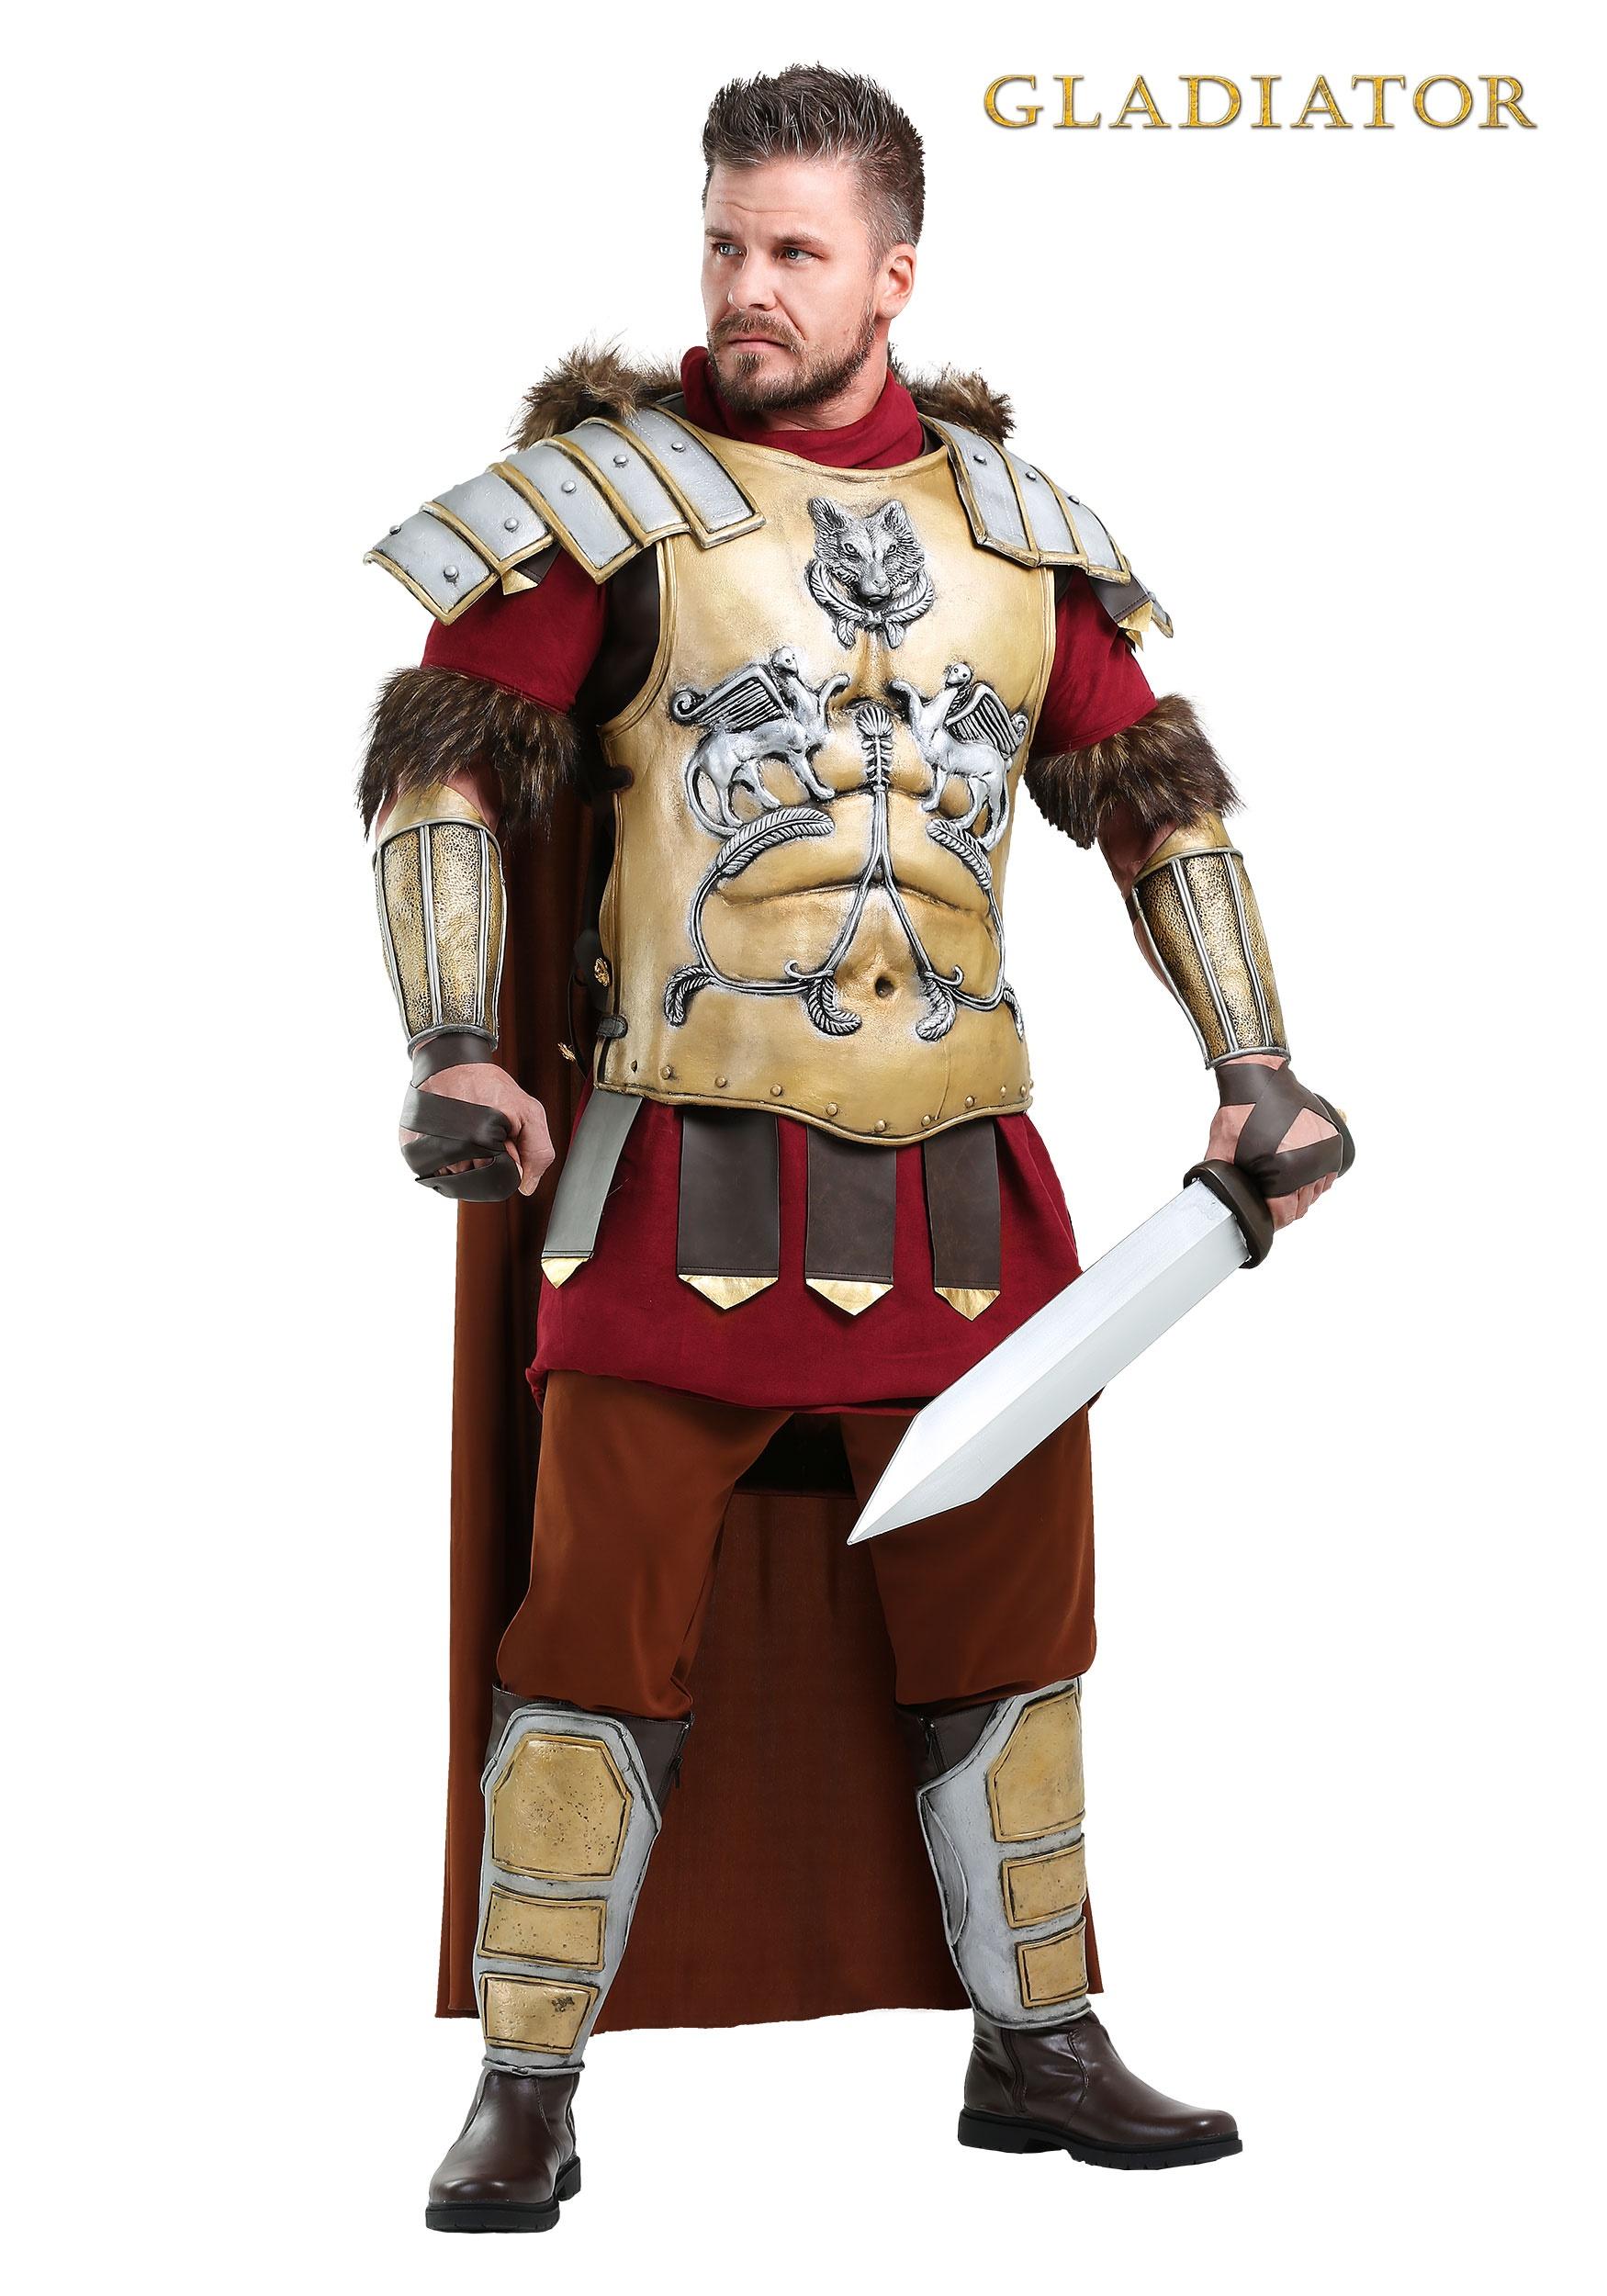 Gladiator general maximus costume for men mens gladiator general maximus costume solutioingenieria Gallery